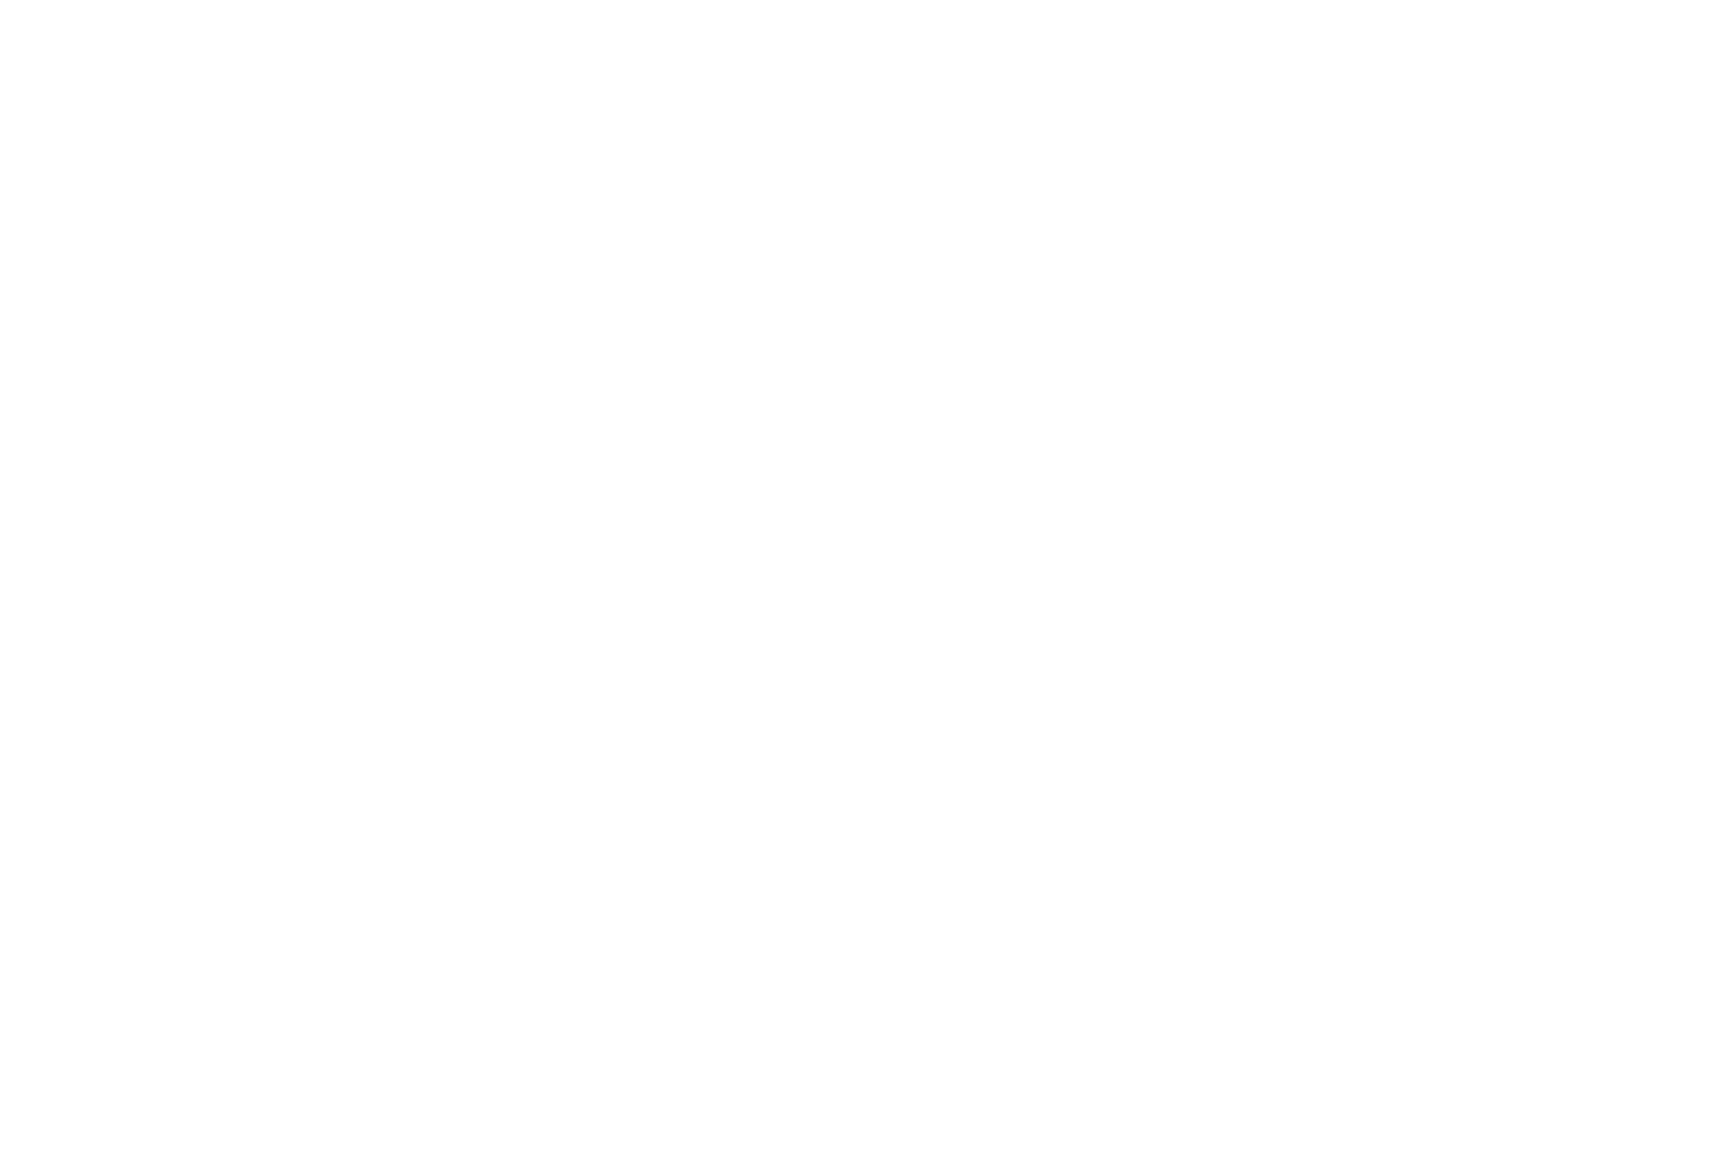 OFFICIAL SELECTION - Vertigo Film Fest - 2021 (1)